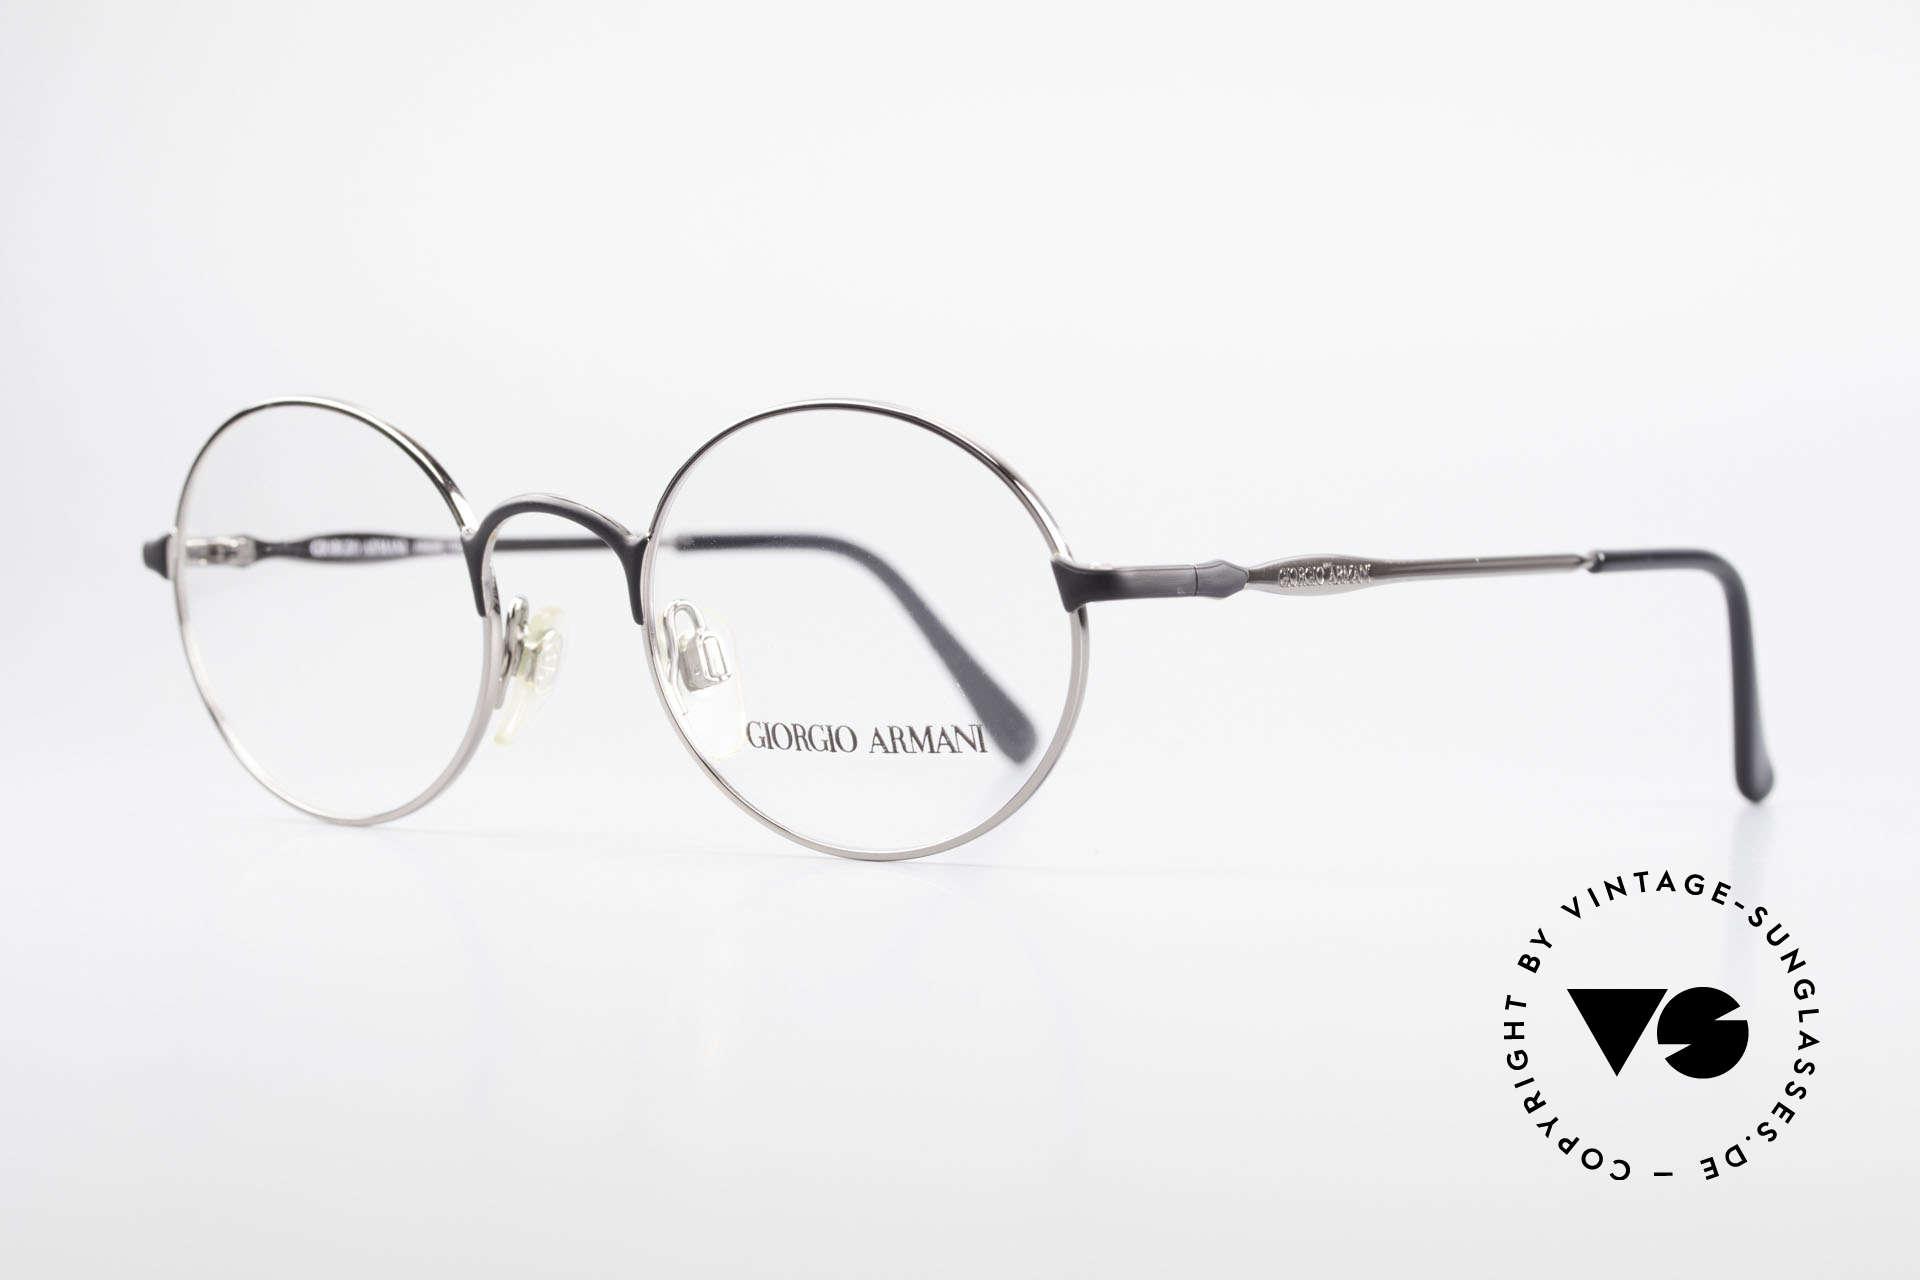 Giorgio Armani 243 Runde Ovale Brille 90er Small, dezenter & zeitloser Stil in schwarz und silber, Passend für Herren und Damen